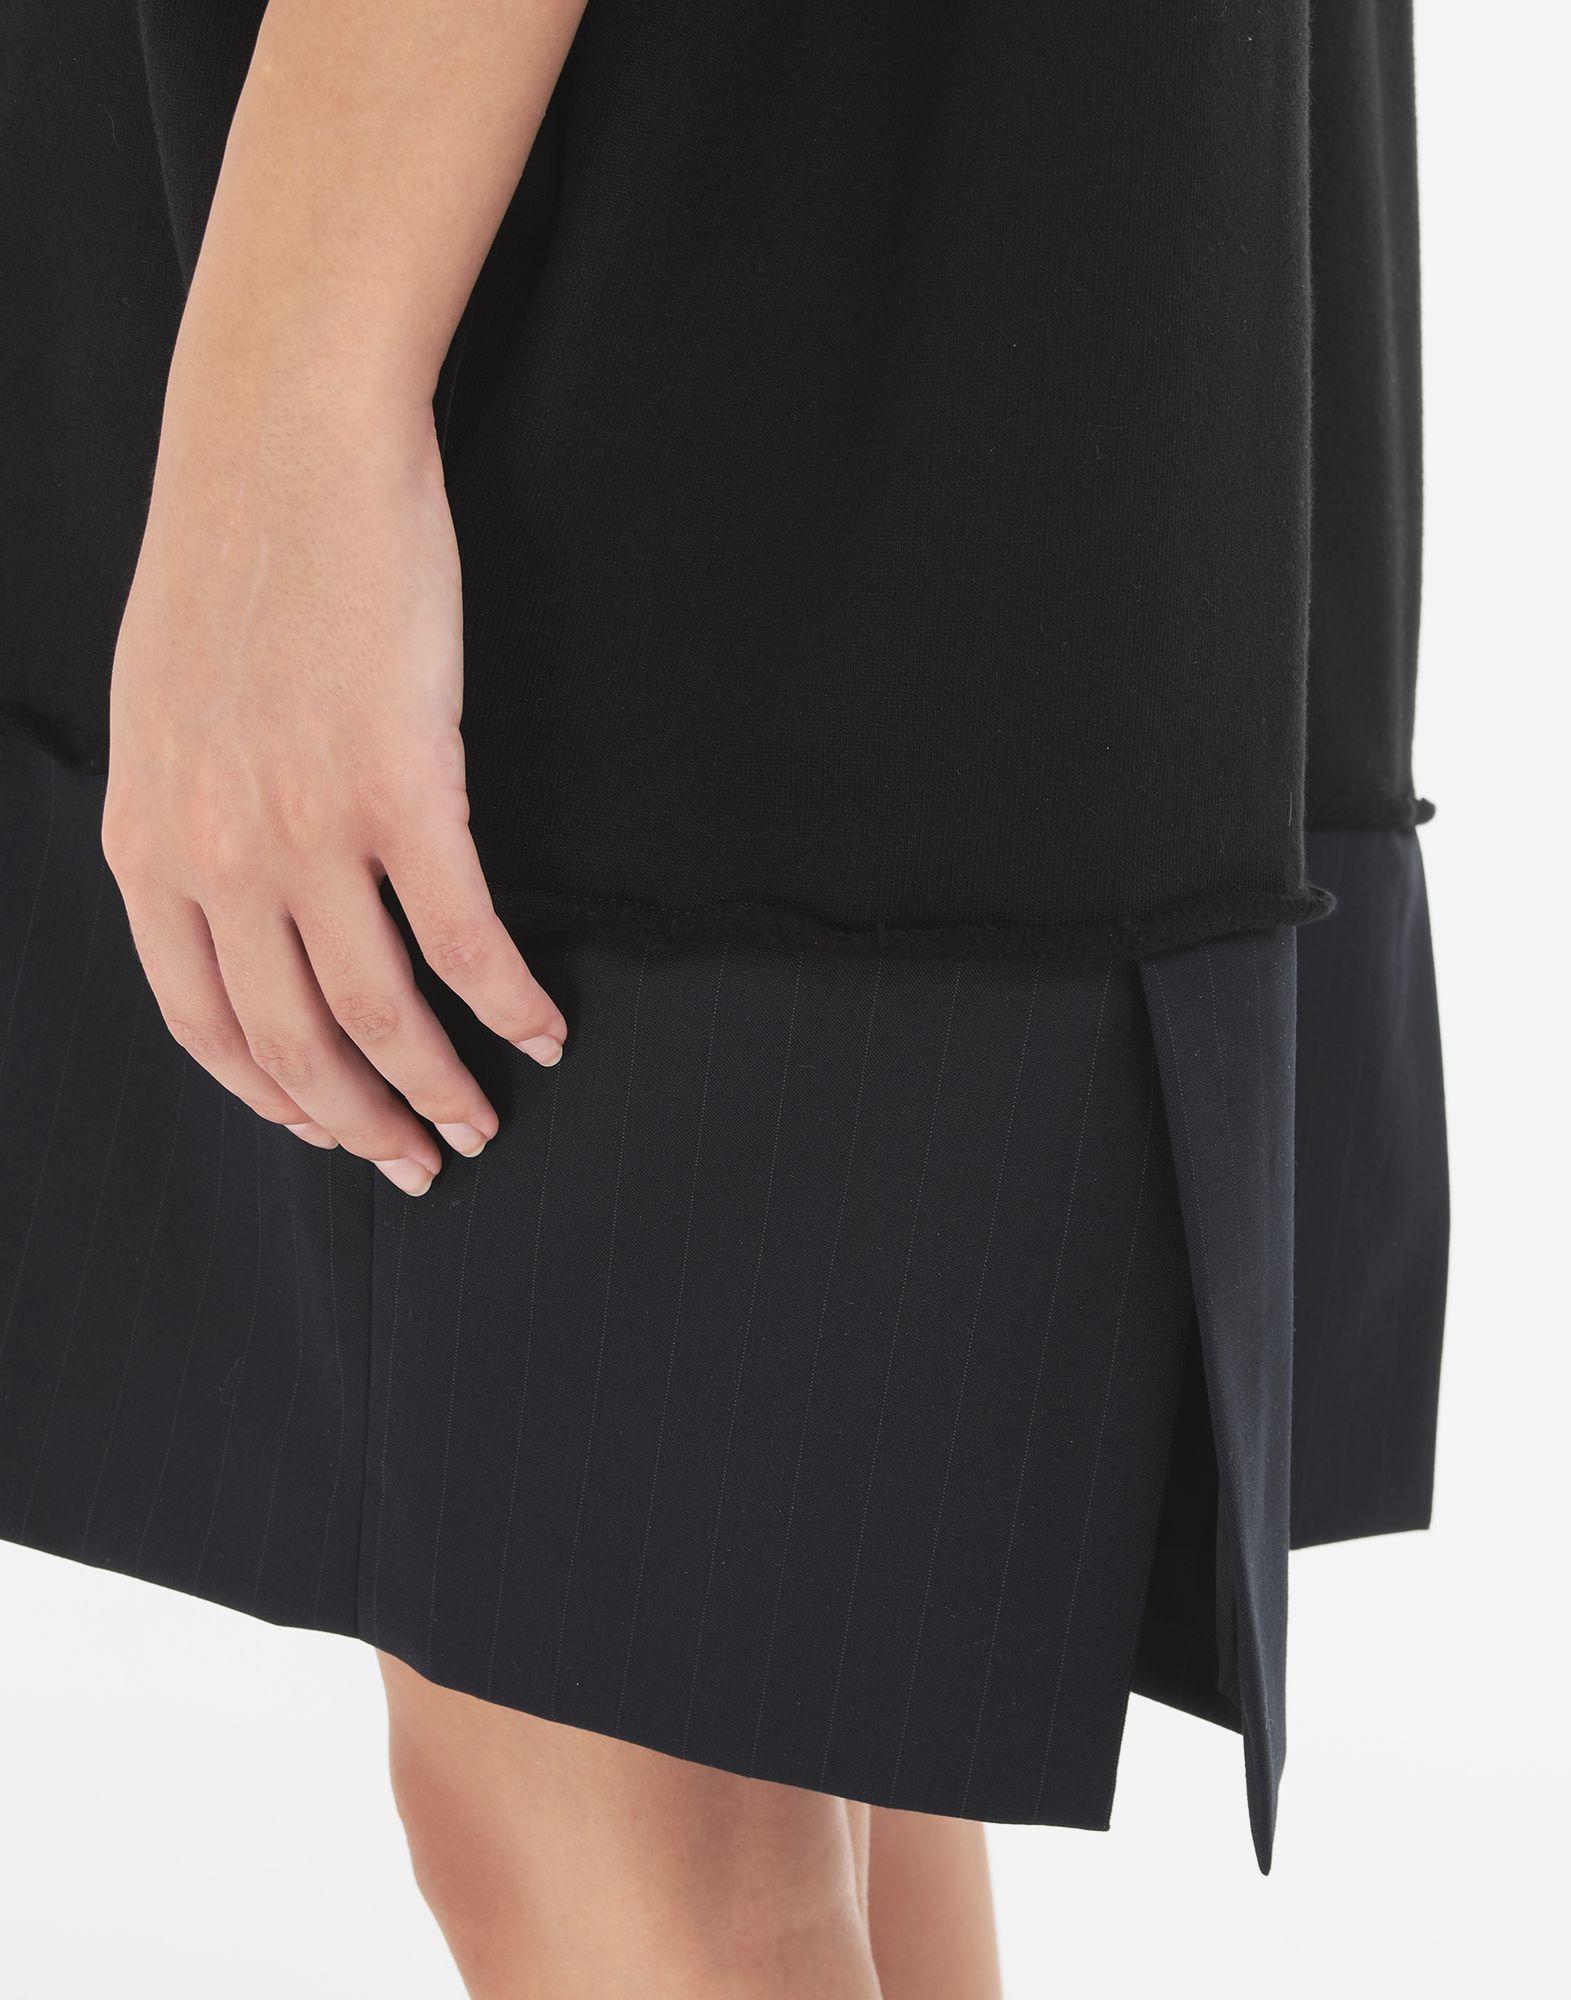 MM6 MAISON MARGIELA Spliced T-shirt dress Dress Woman b